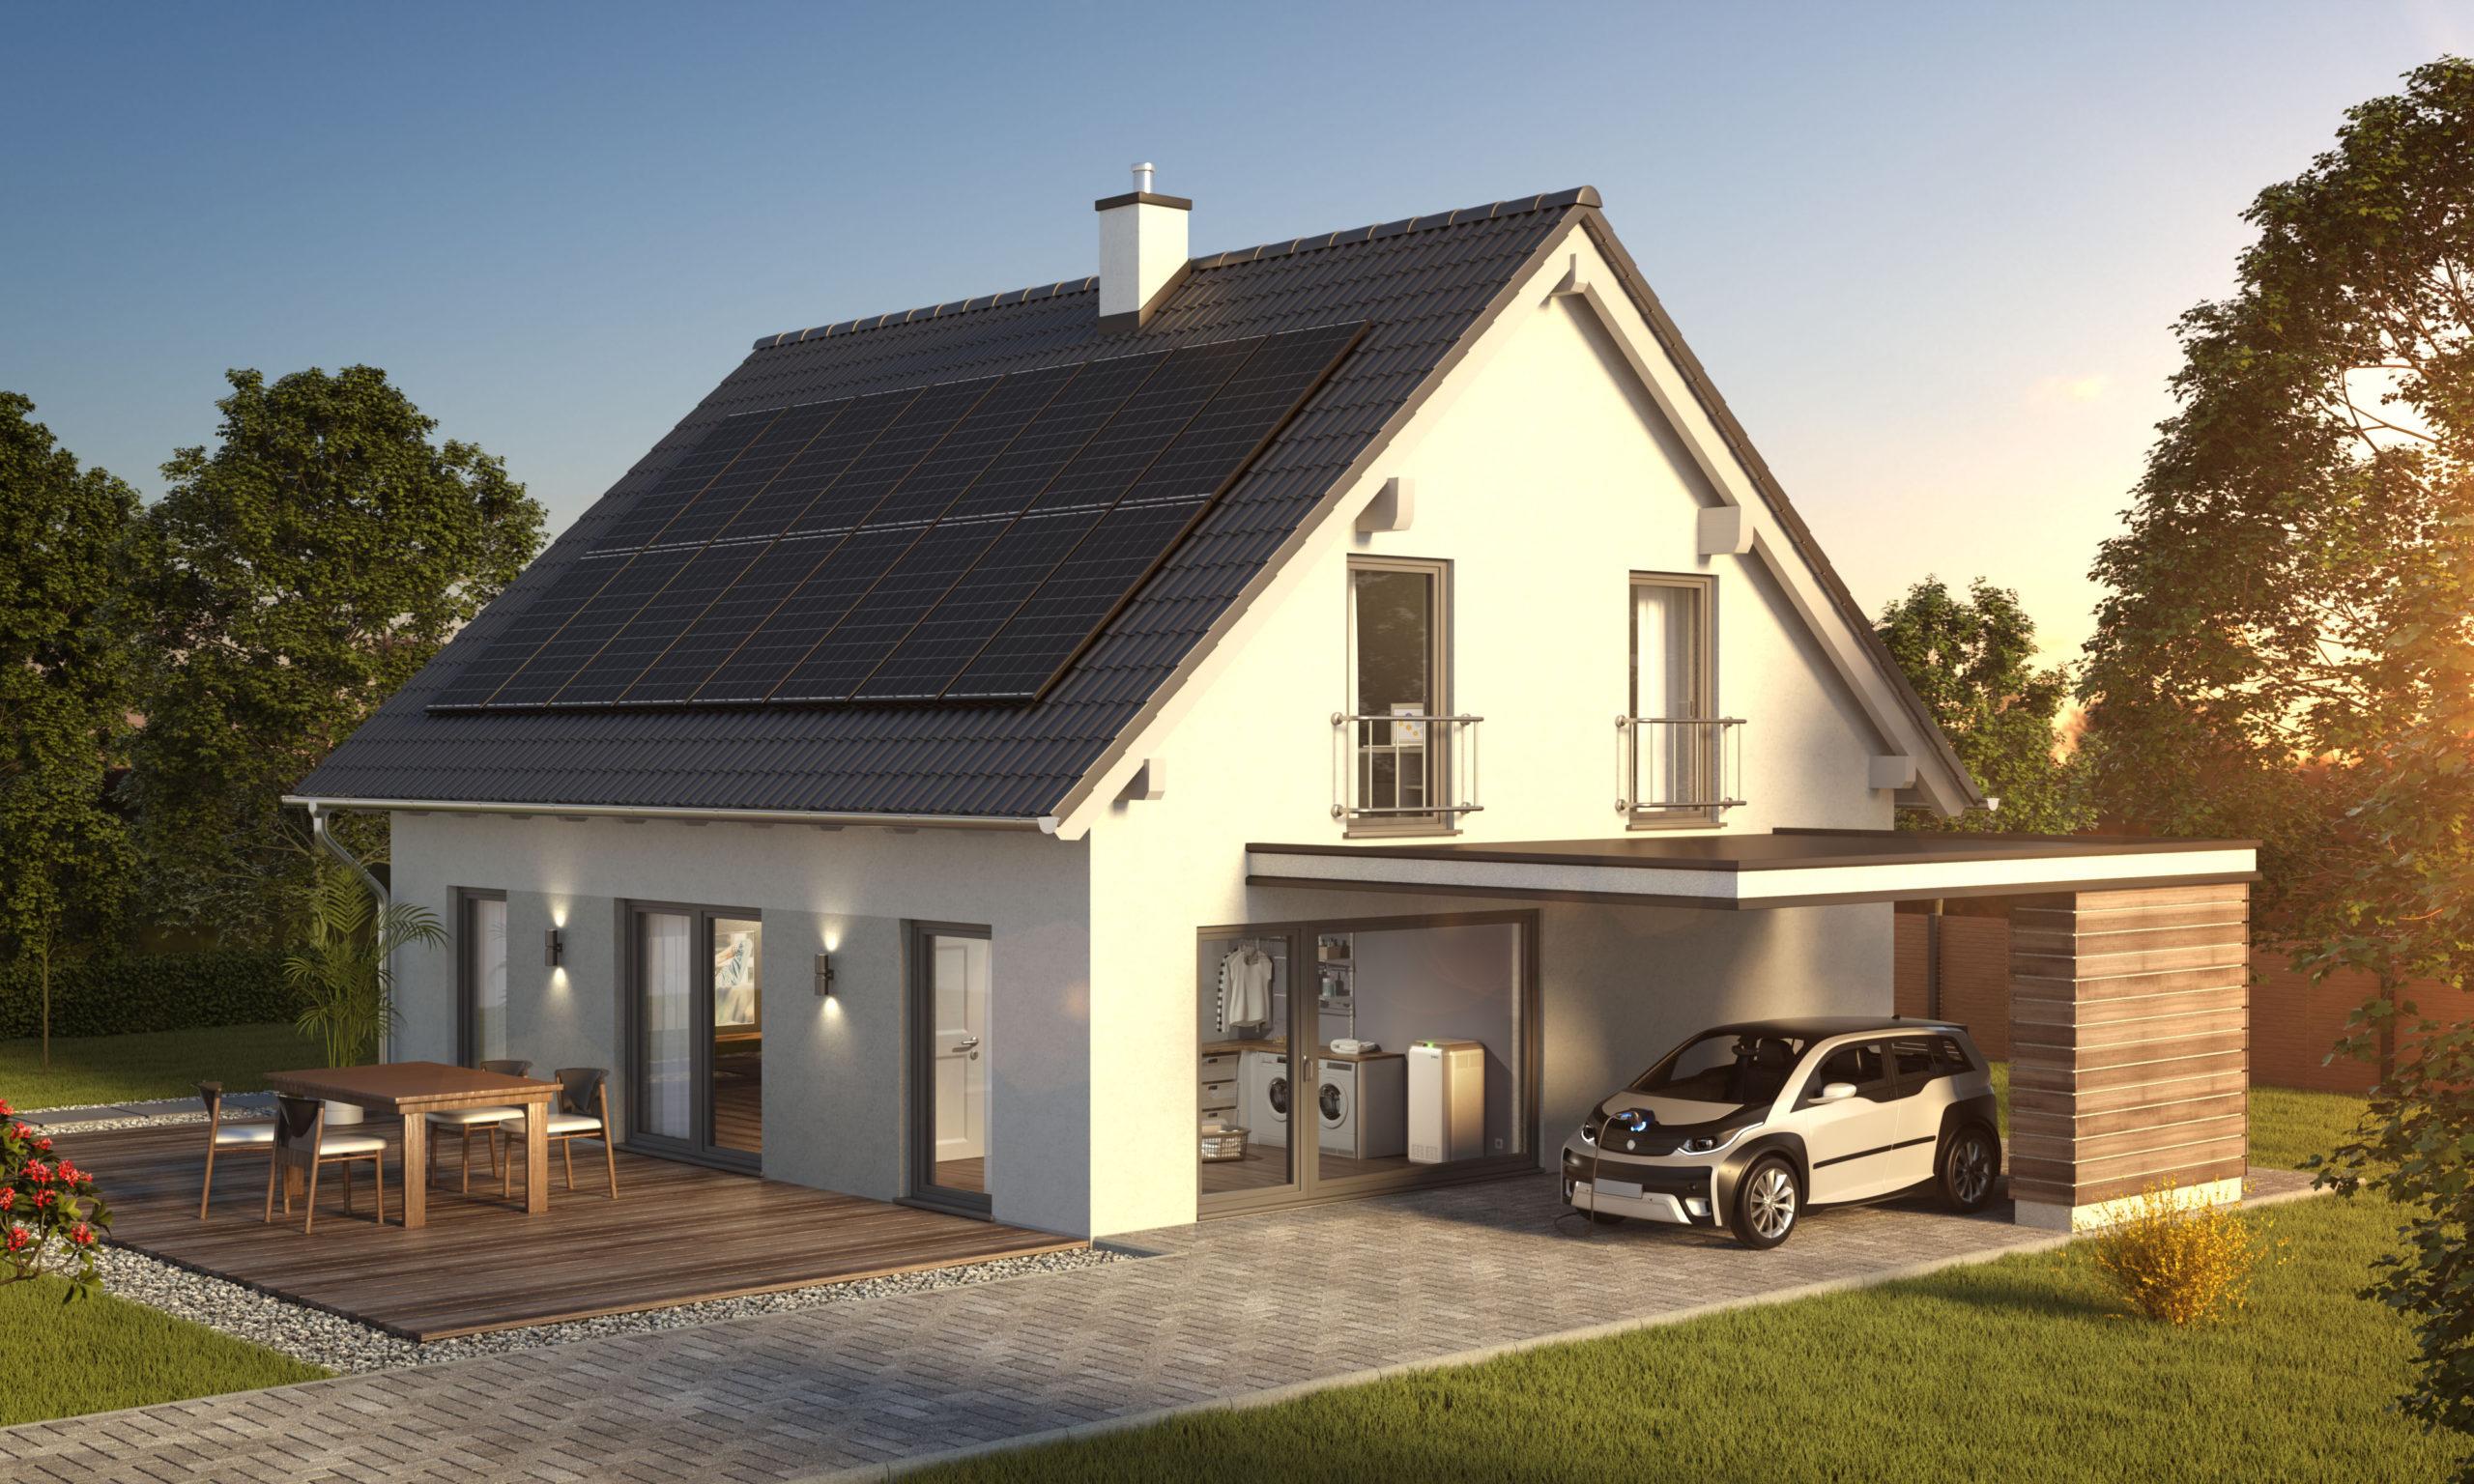 Moderne Solaranlagen auf einem Hausdach